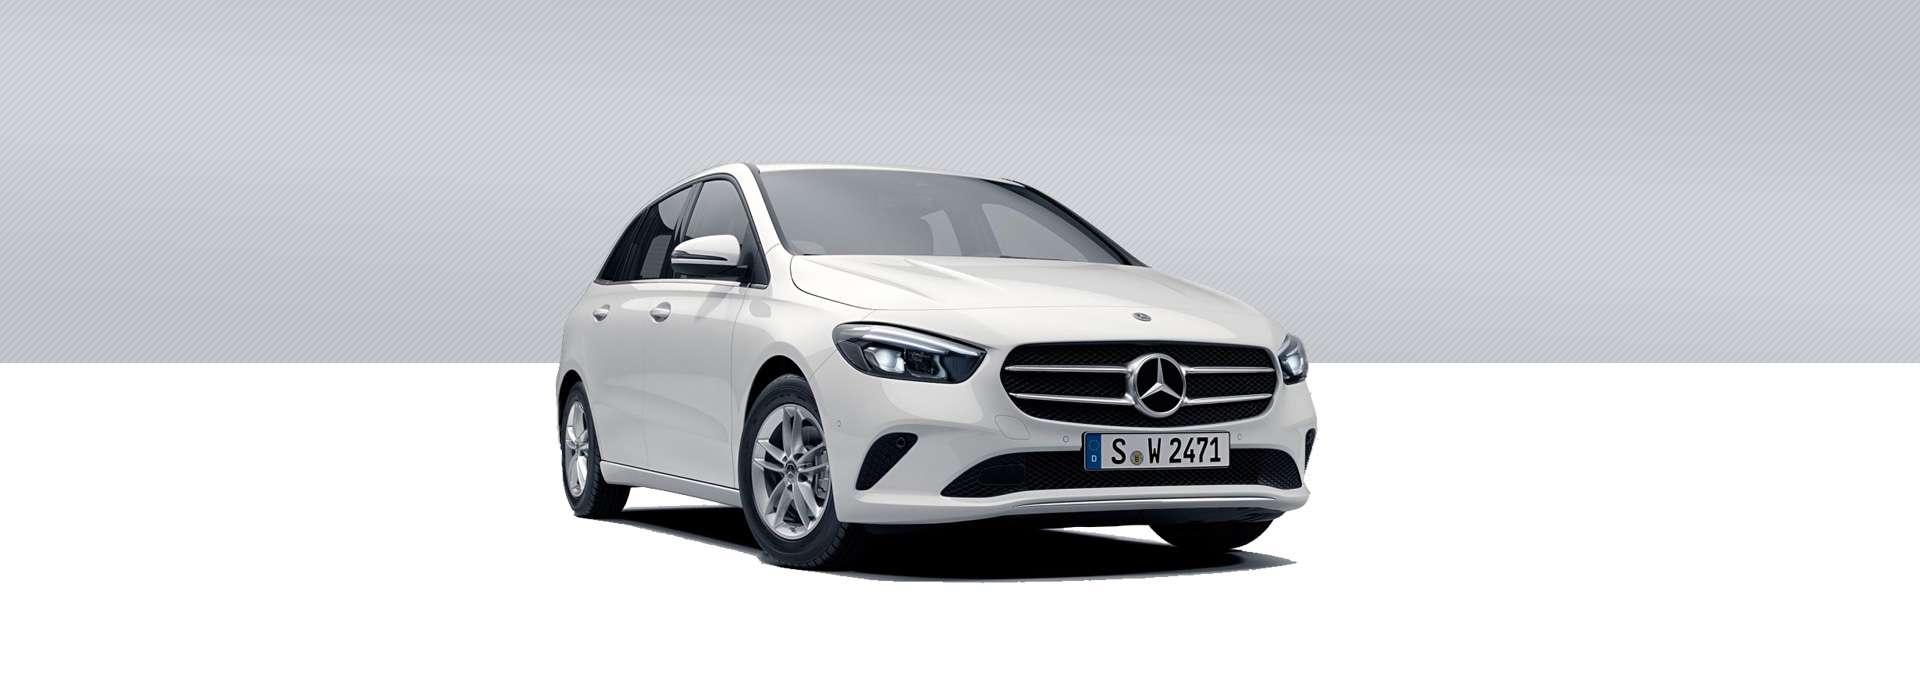 Mercedes Benz CLASE B SPORTS TOURER